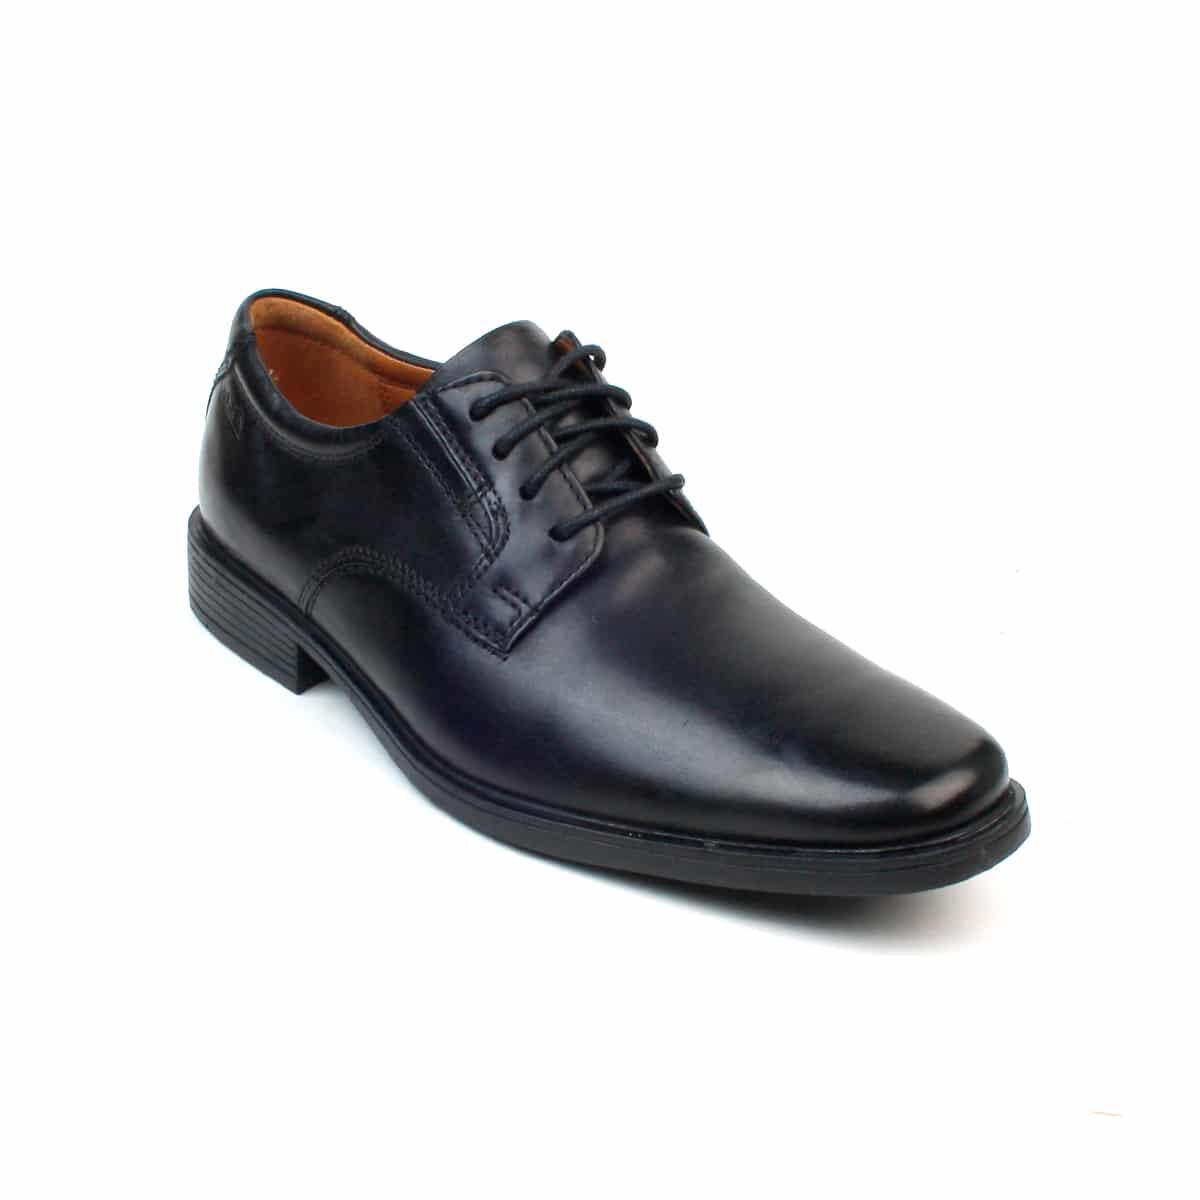 d72475f739d97 CLARKS Tilden Plain Black - 121 Shoes